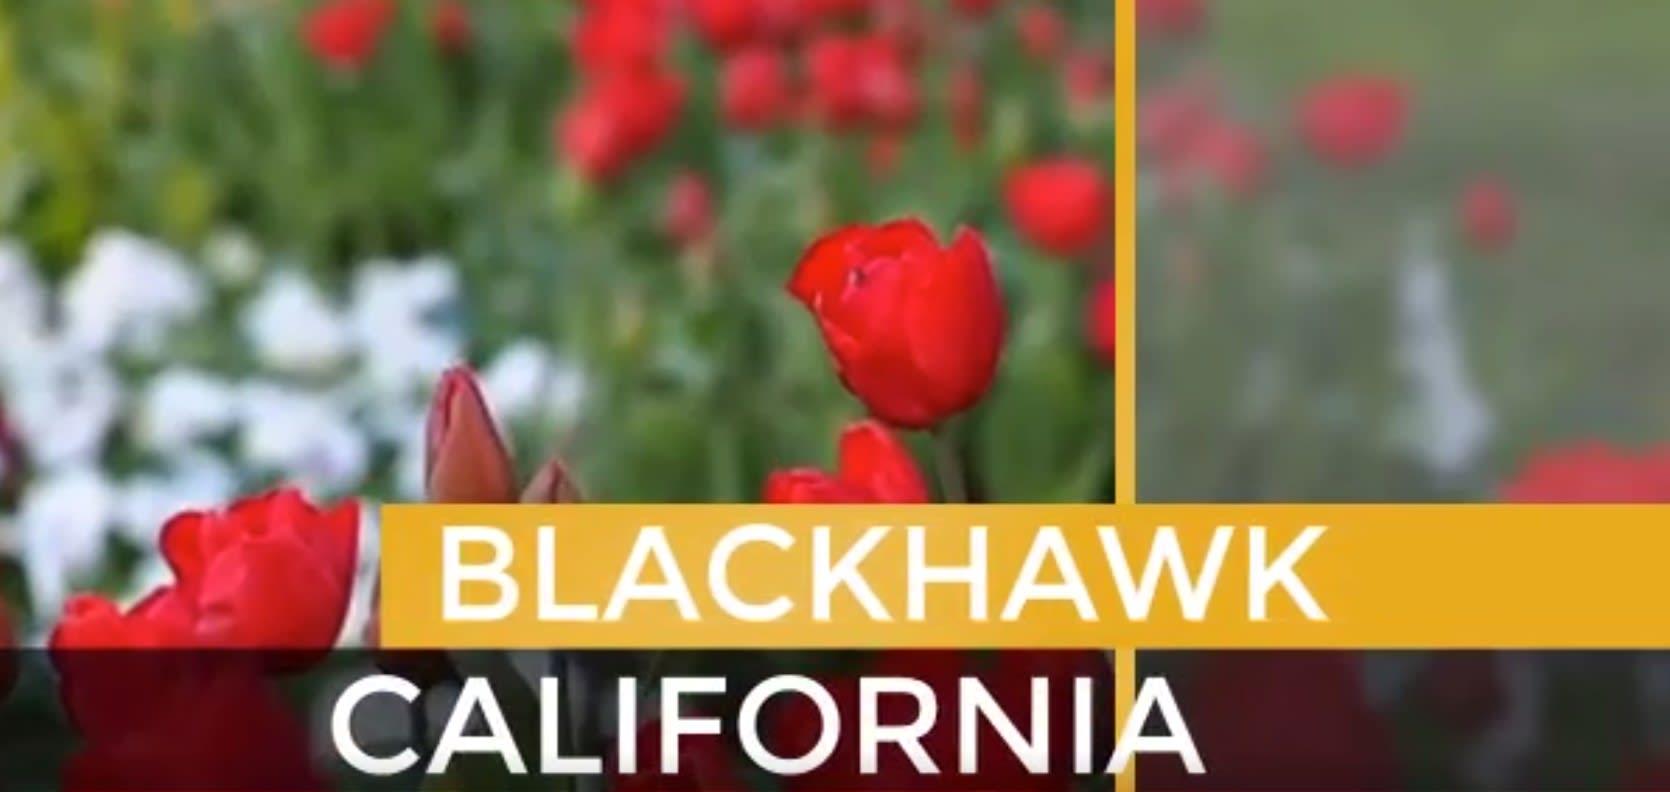 Blackhawk video preview